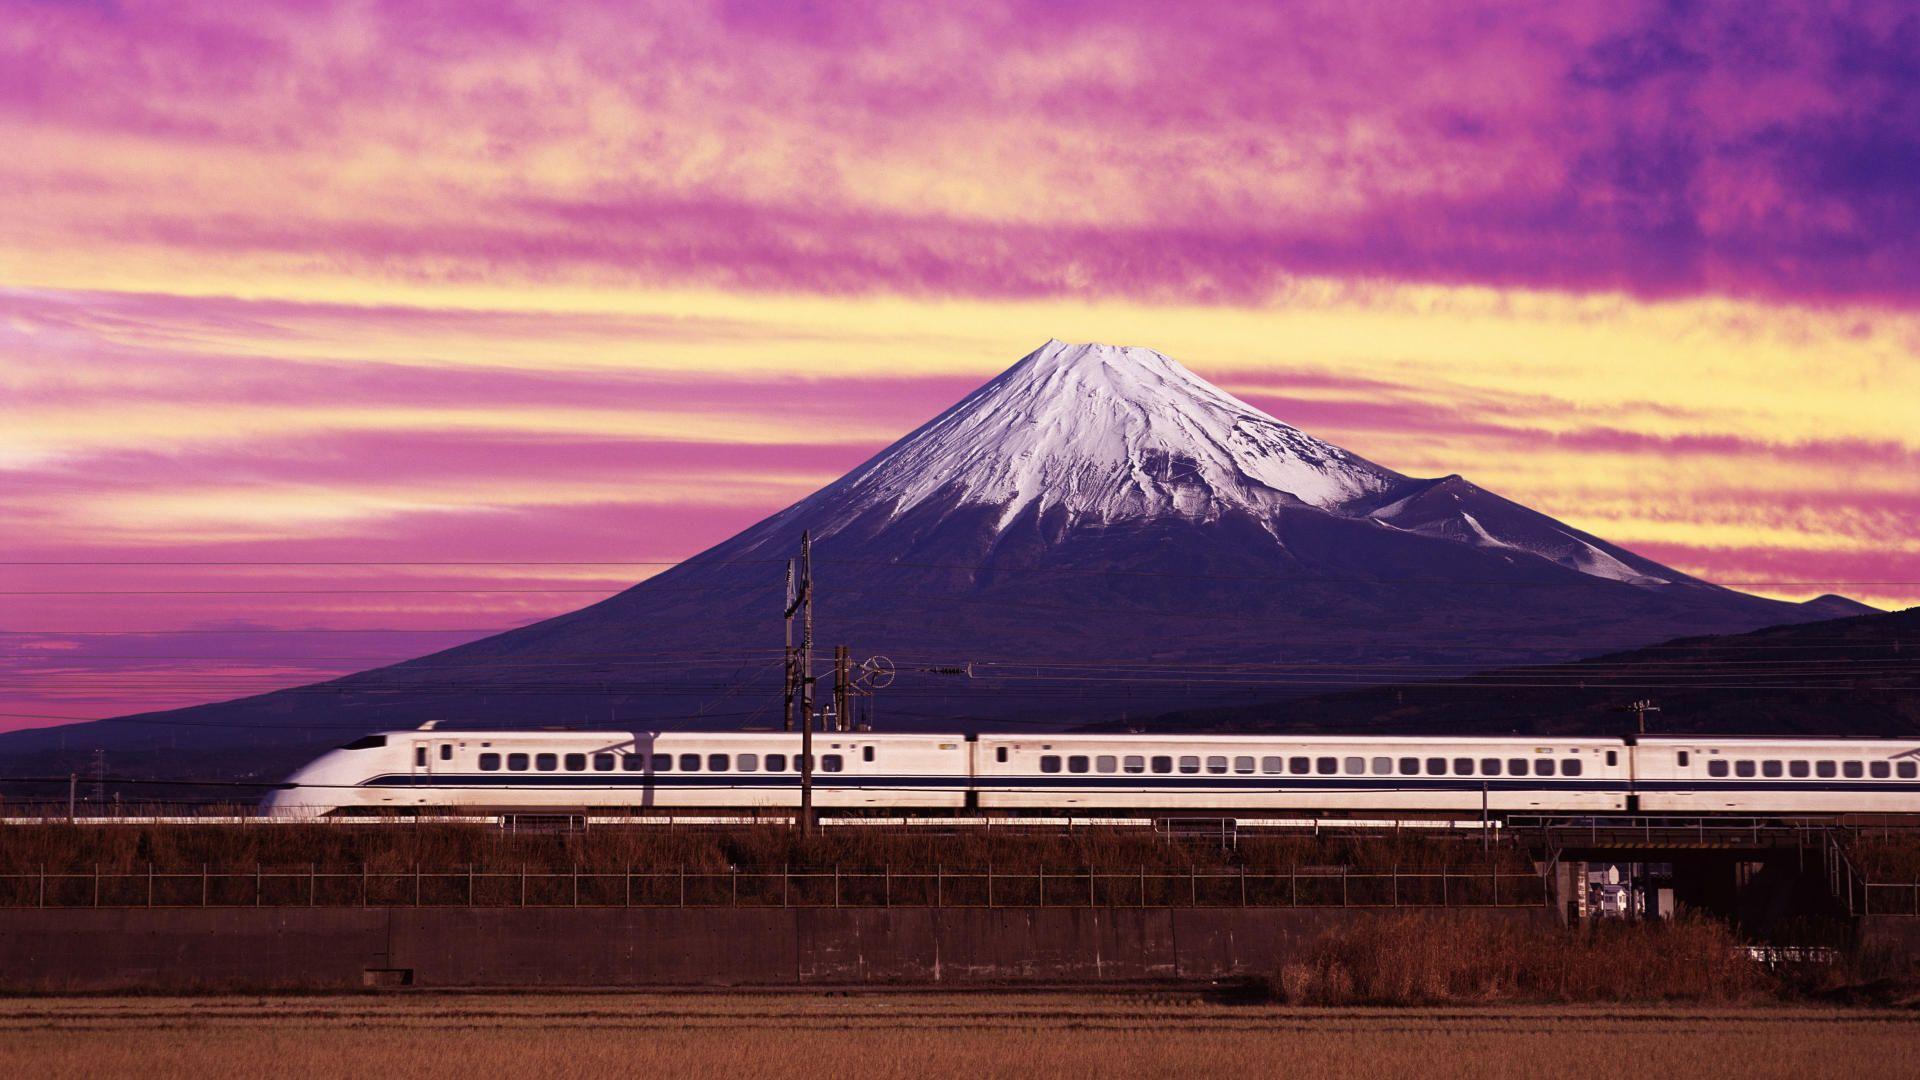 1920x1080 Hình nền Nhật Bản tuyệt đẹp Đất nước Mặt trời mọc